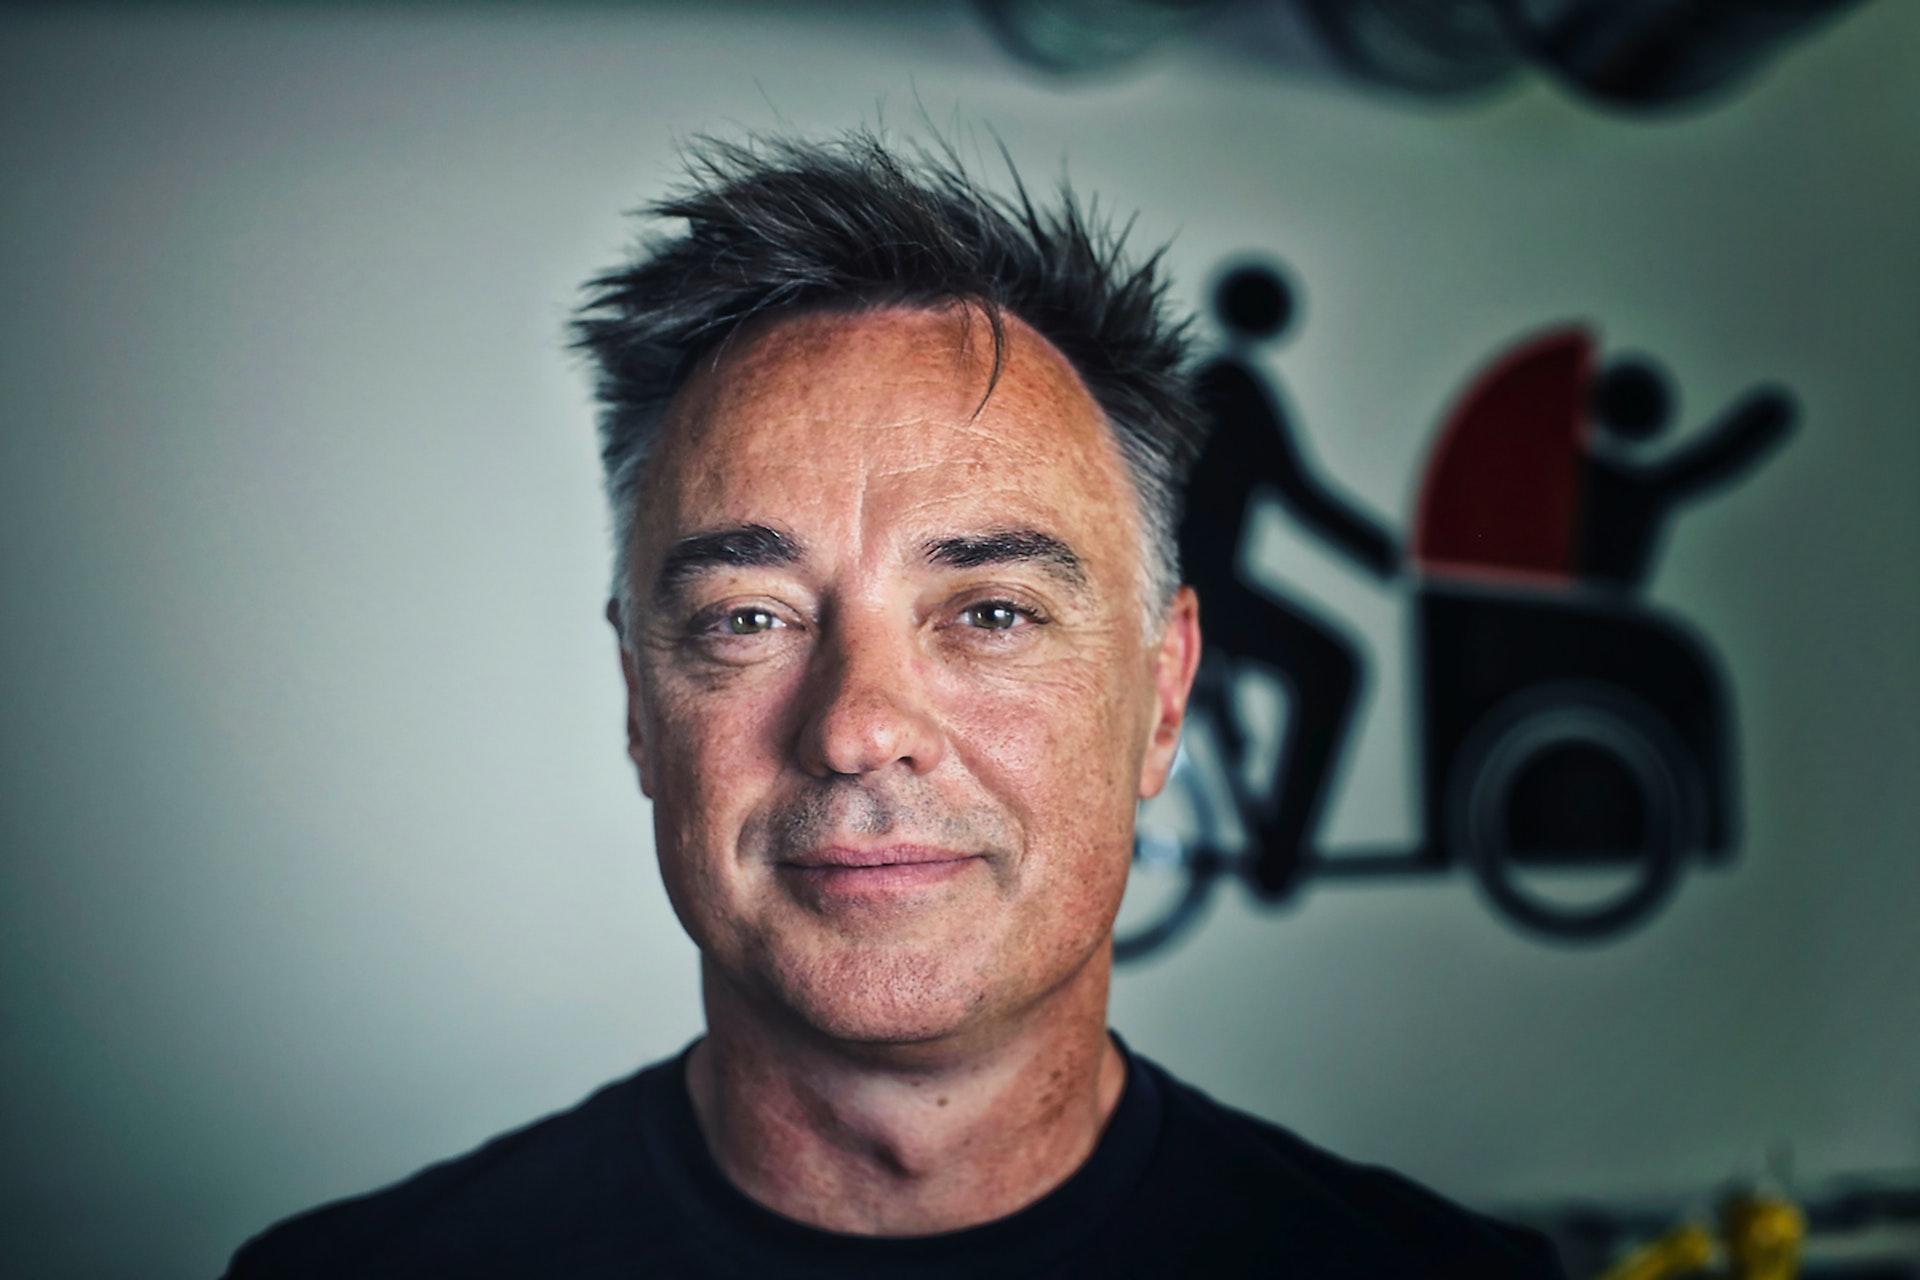 Shaun_Pettigrew_32_Cycling_Without_Age